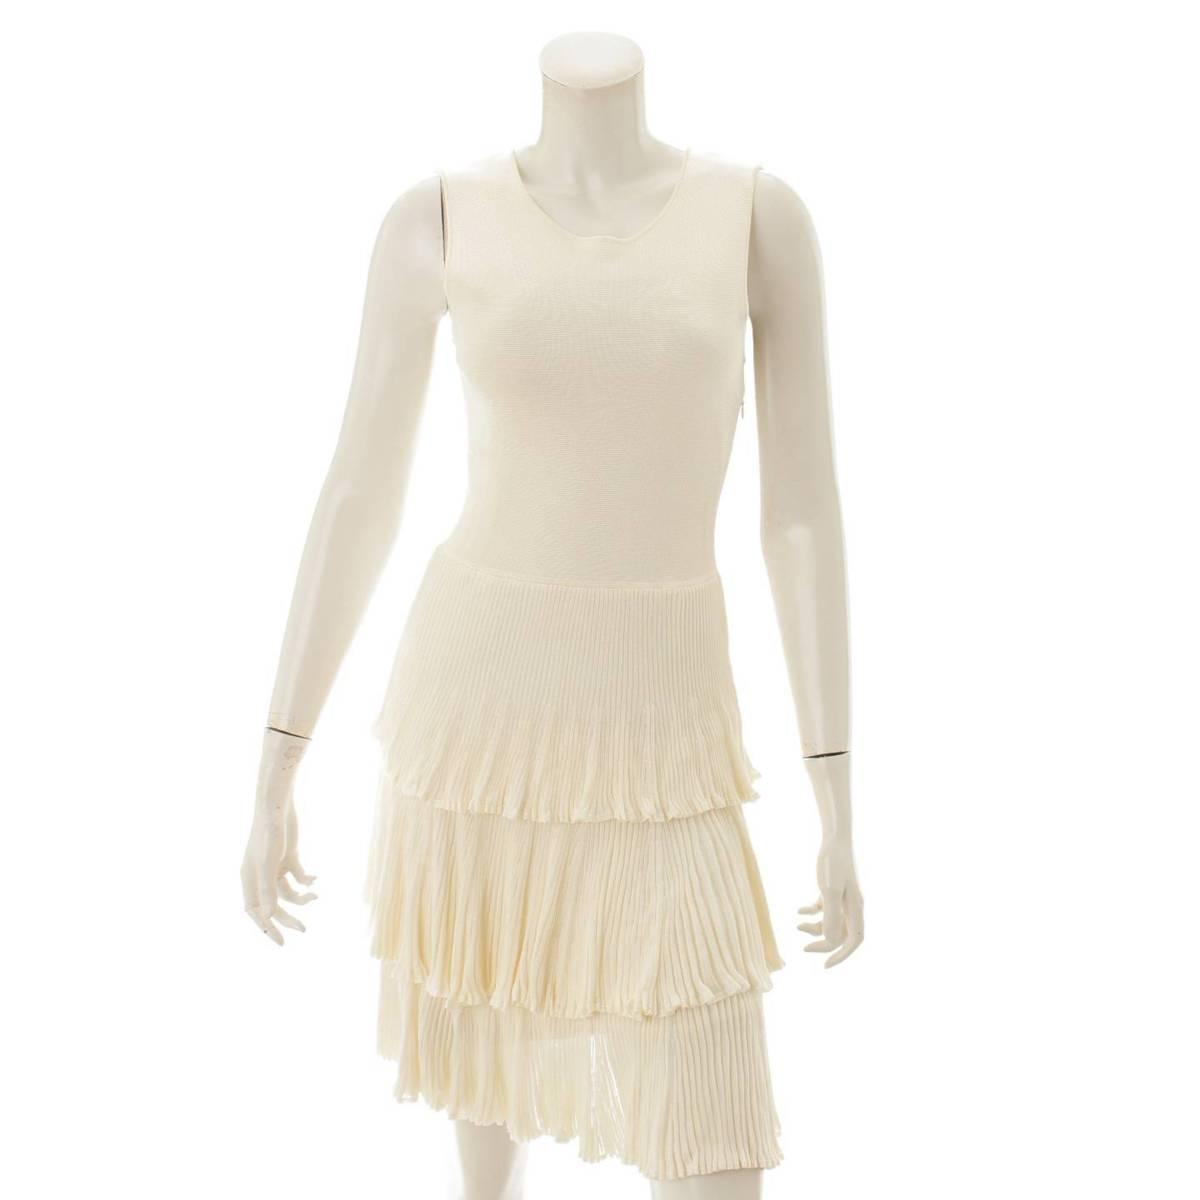 【クリスチャン ディオール】Christian Dior ノースリーブ ワンピース ドレス ホワイト 36 【中古】【鑑定済・正規品保証】86854